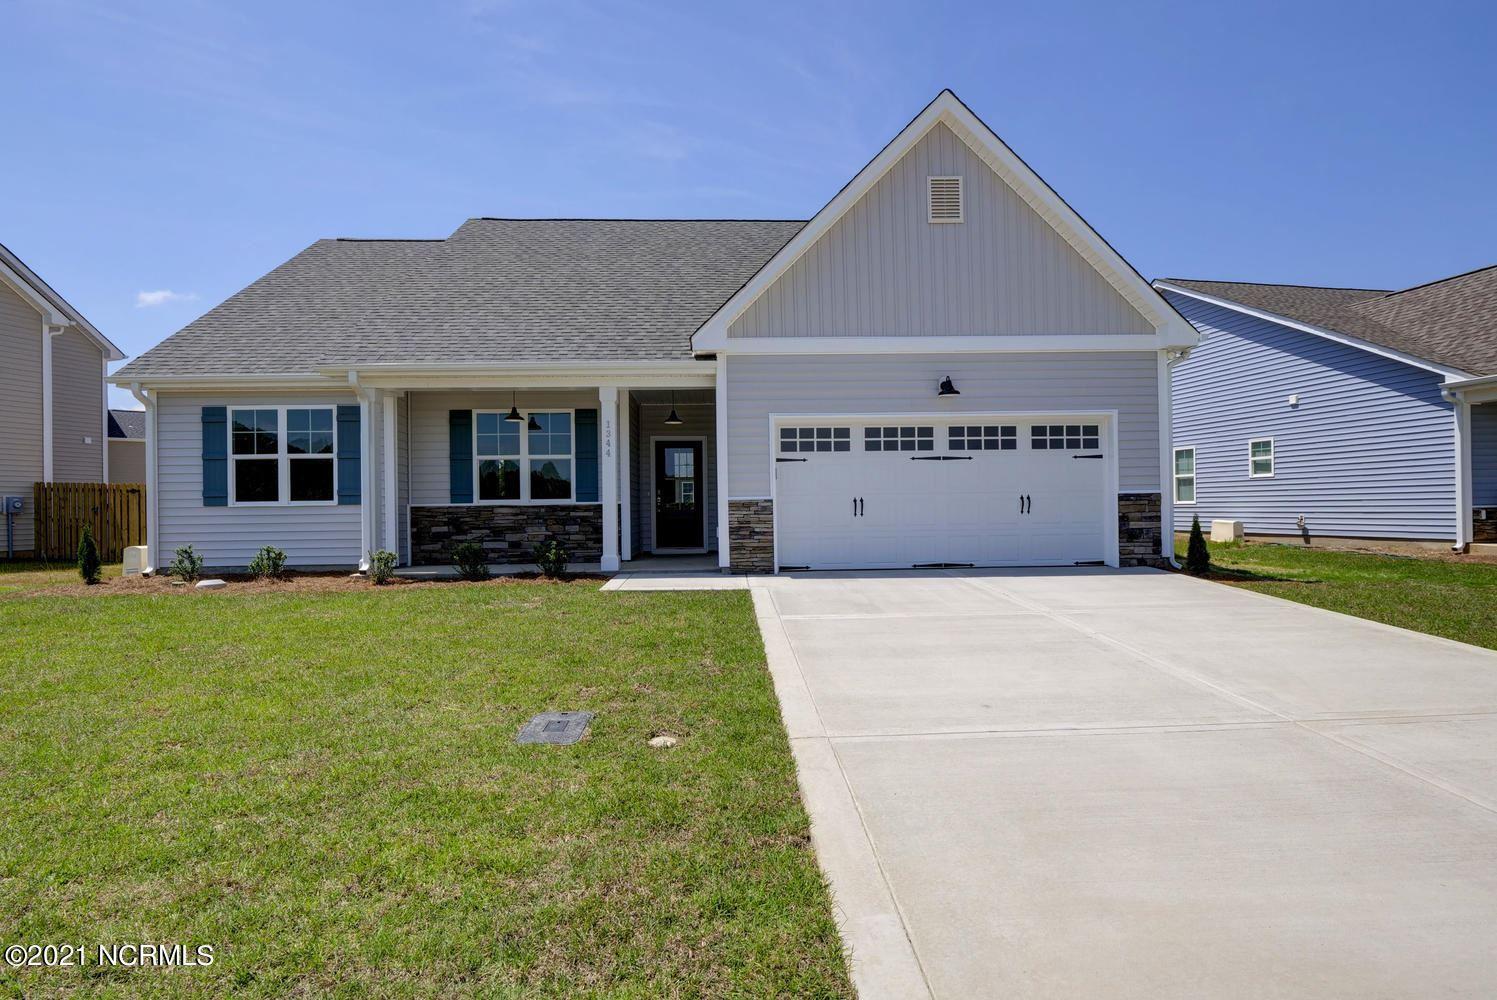 Photo for 2128 Blue Bonnet Circle, Castle Hayne, NC 28429 (MLS # 100258213)